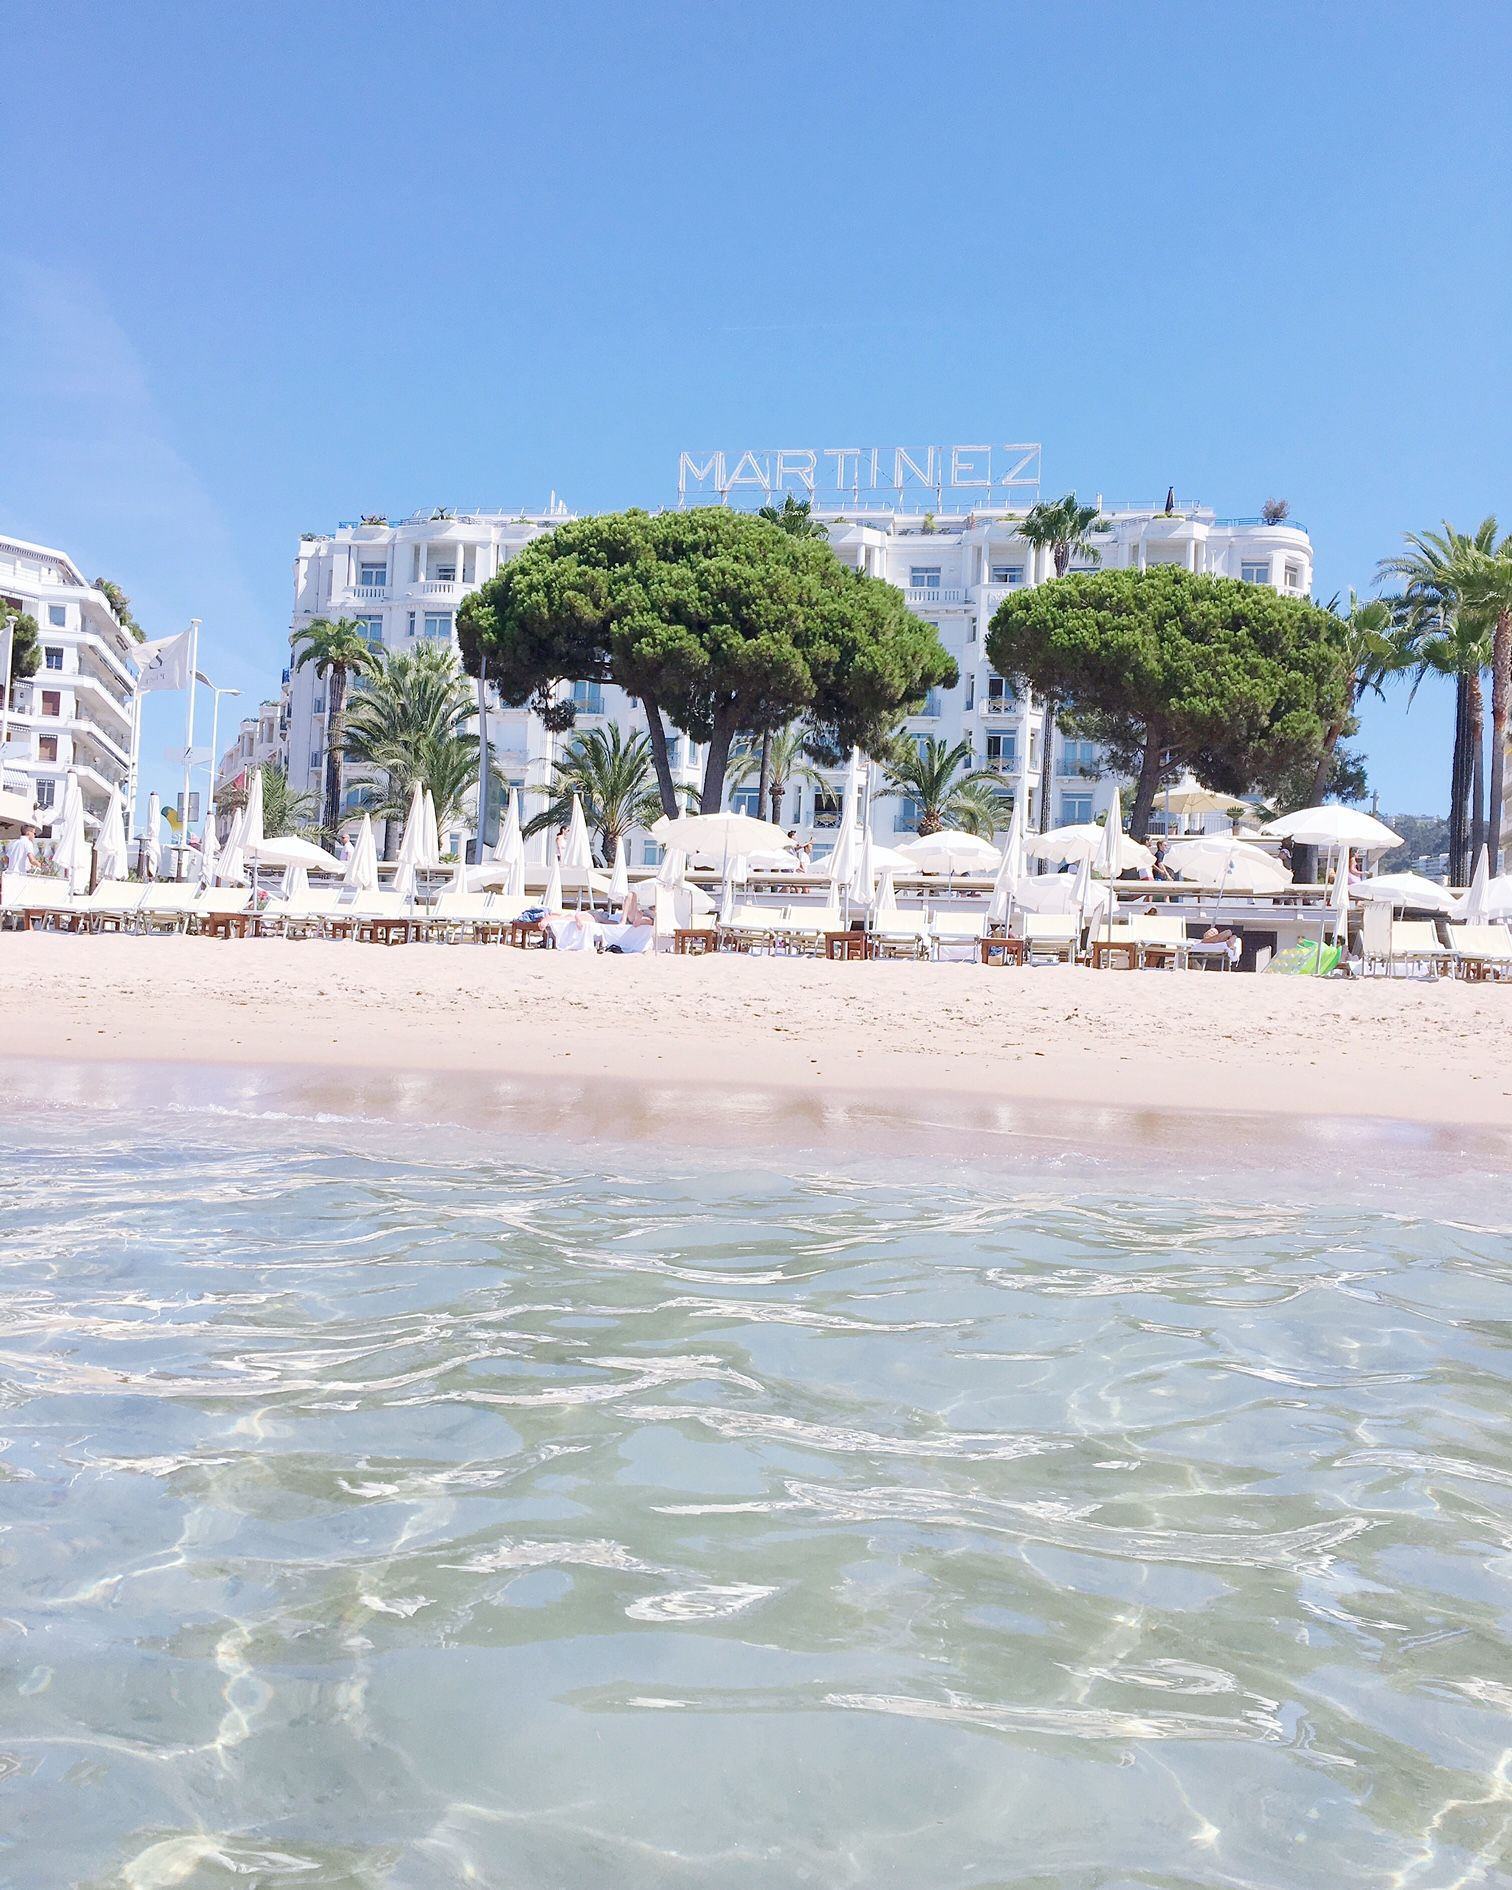 Cannes Hotel Hyatt Martinez Voyage Cote D Azur été Zplage Beach Club Mer